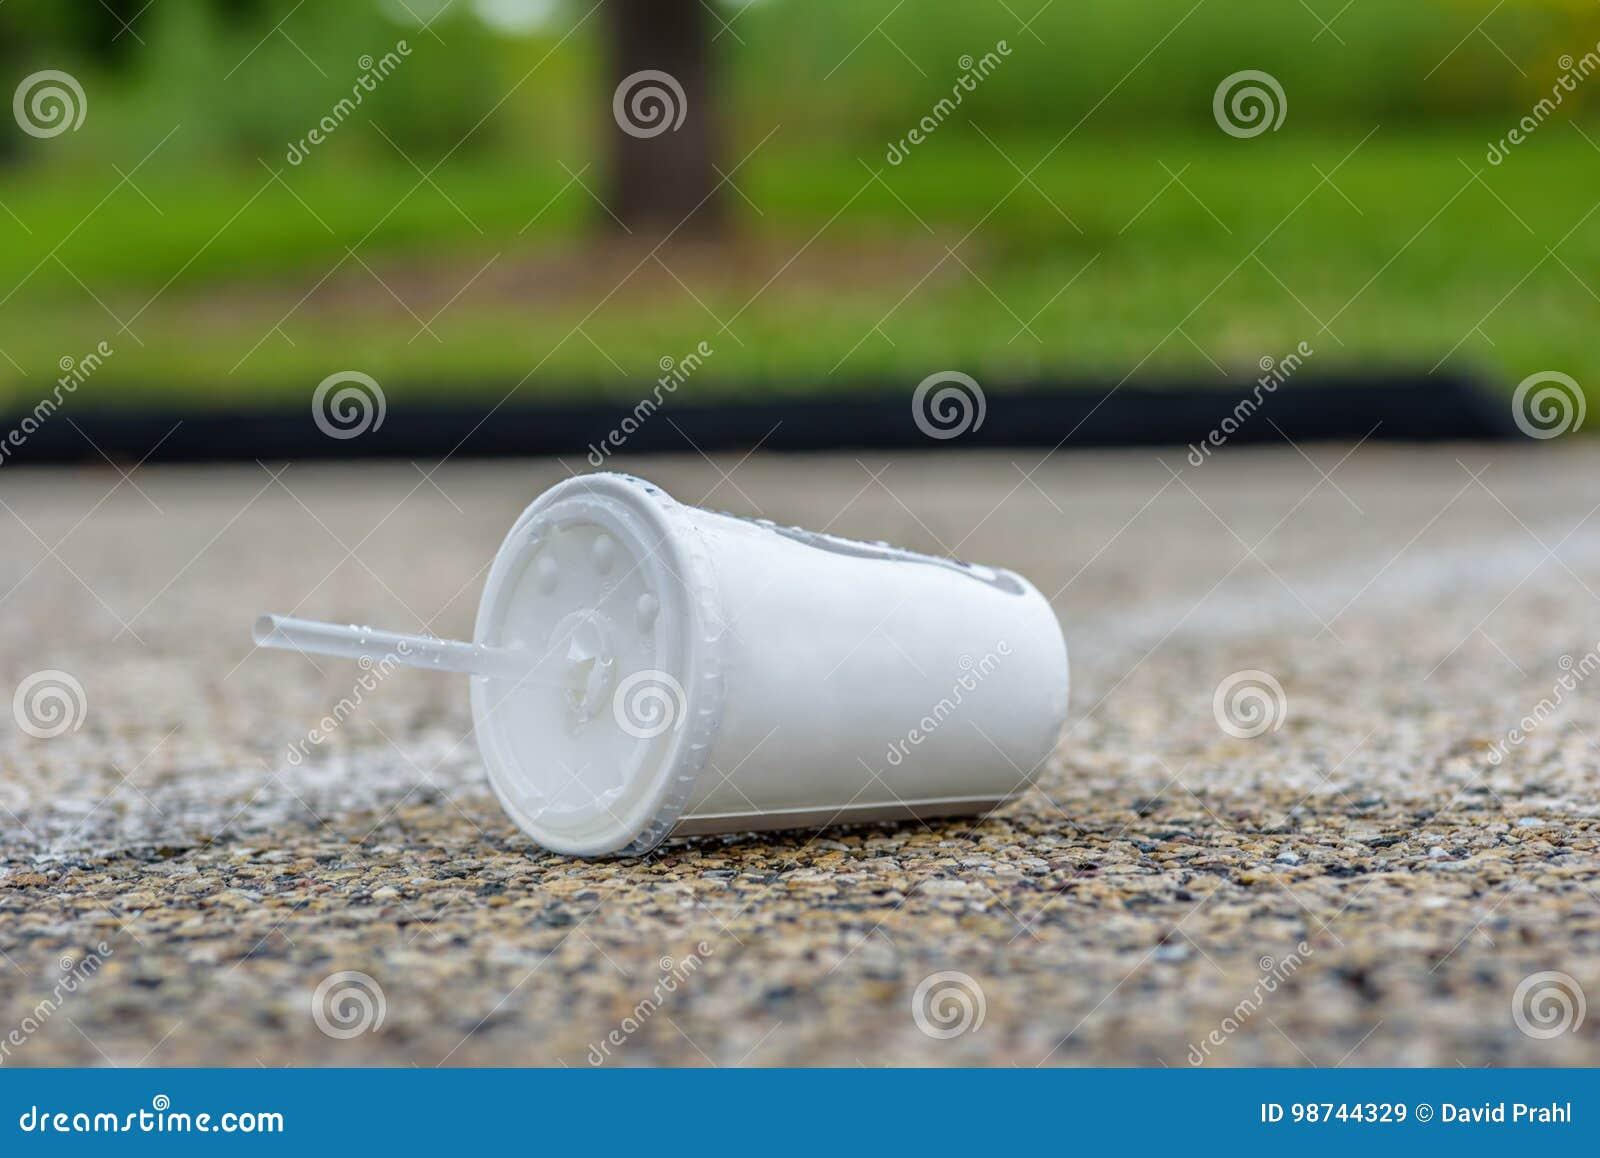 Απορρίματα φλυτζανιών μη αλκοολούχων ποτών στο πεζοδρόμιο